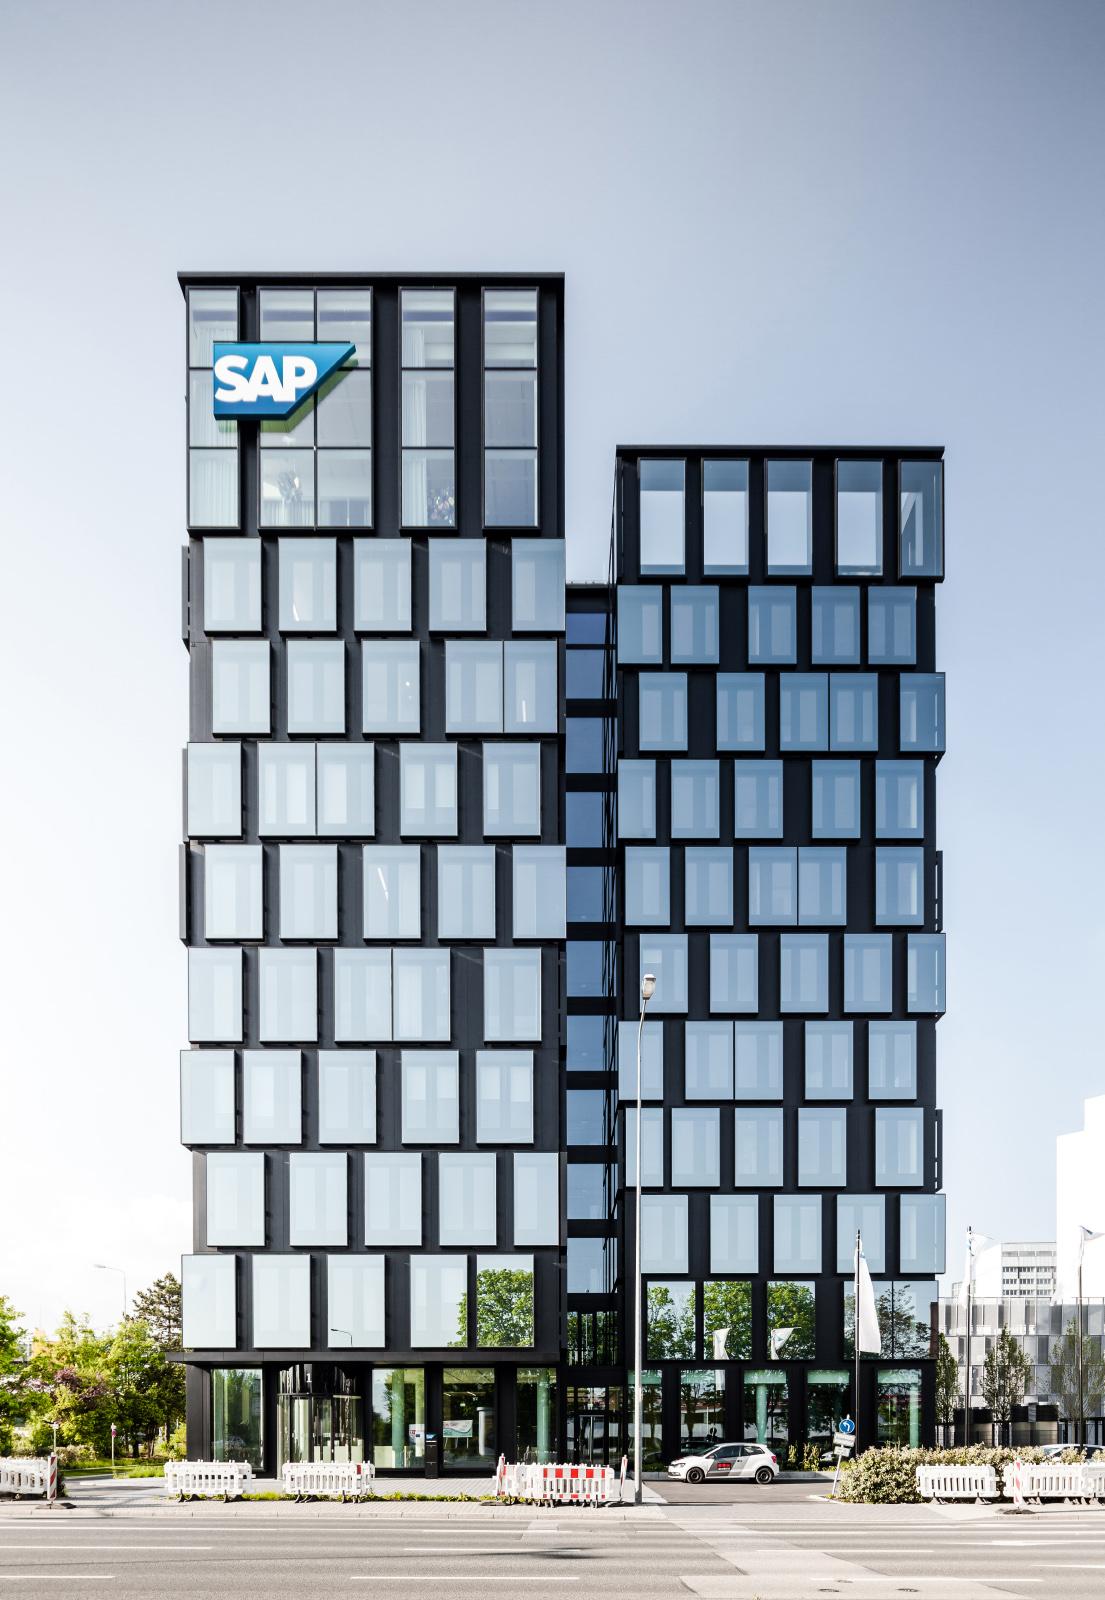 Bild: http://telesniuk.com/ffm/SAP-1_s.jpg